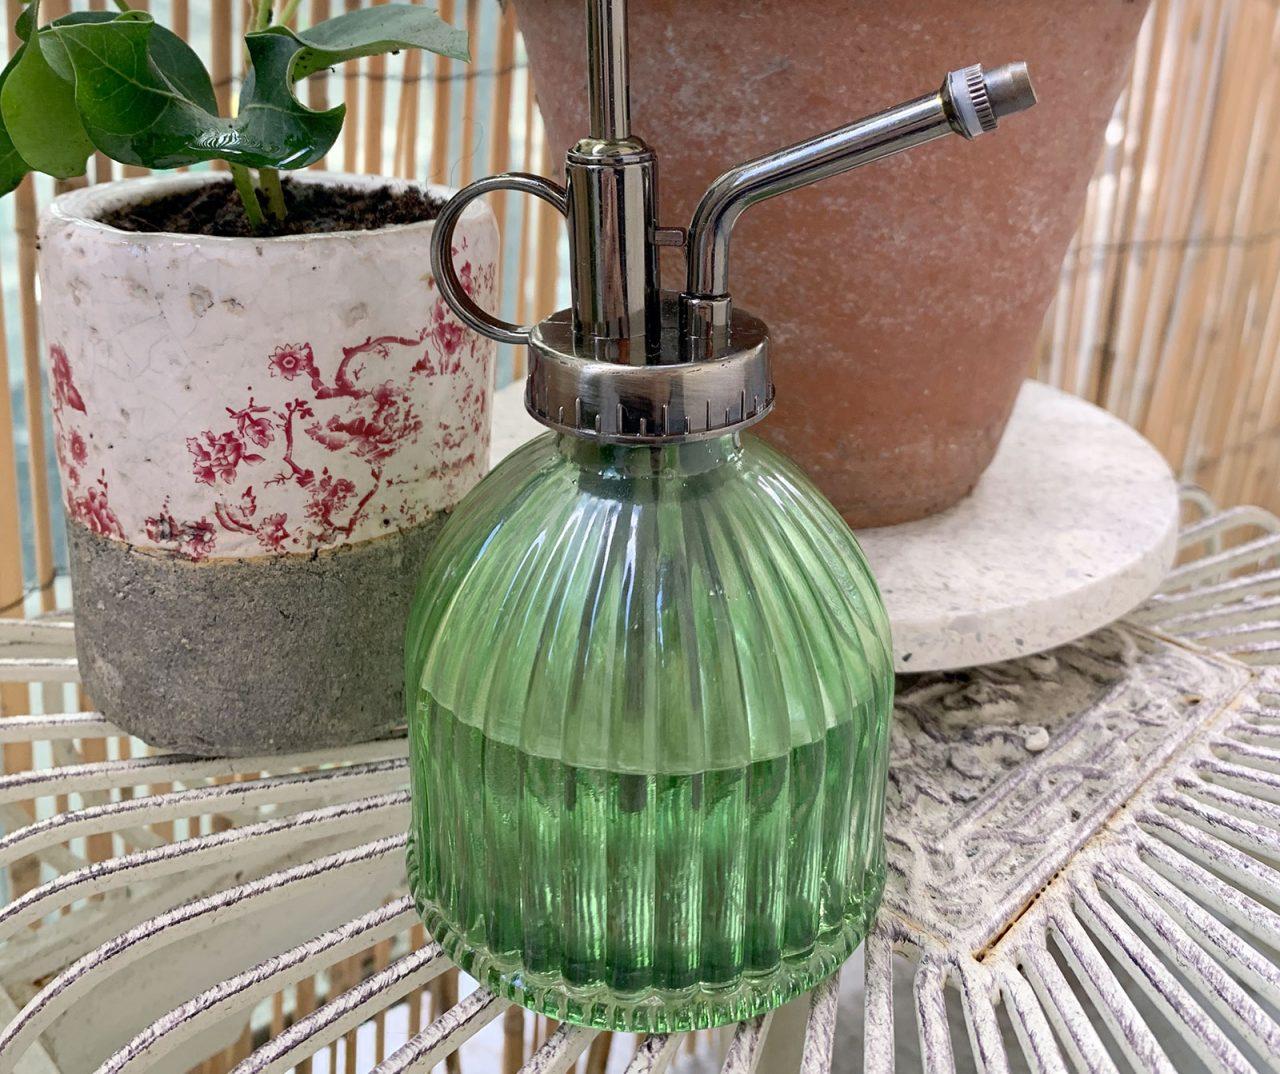 vaporisateur plantes rétro vintage - La Revue Vertu